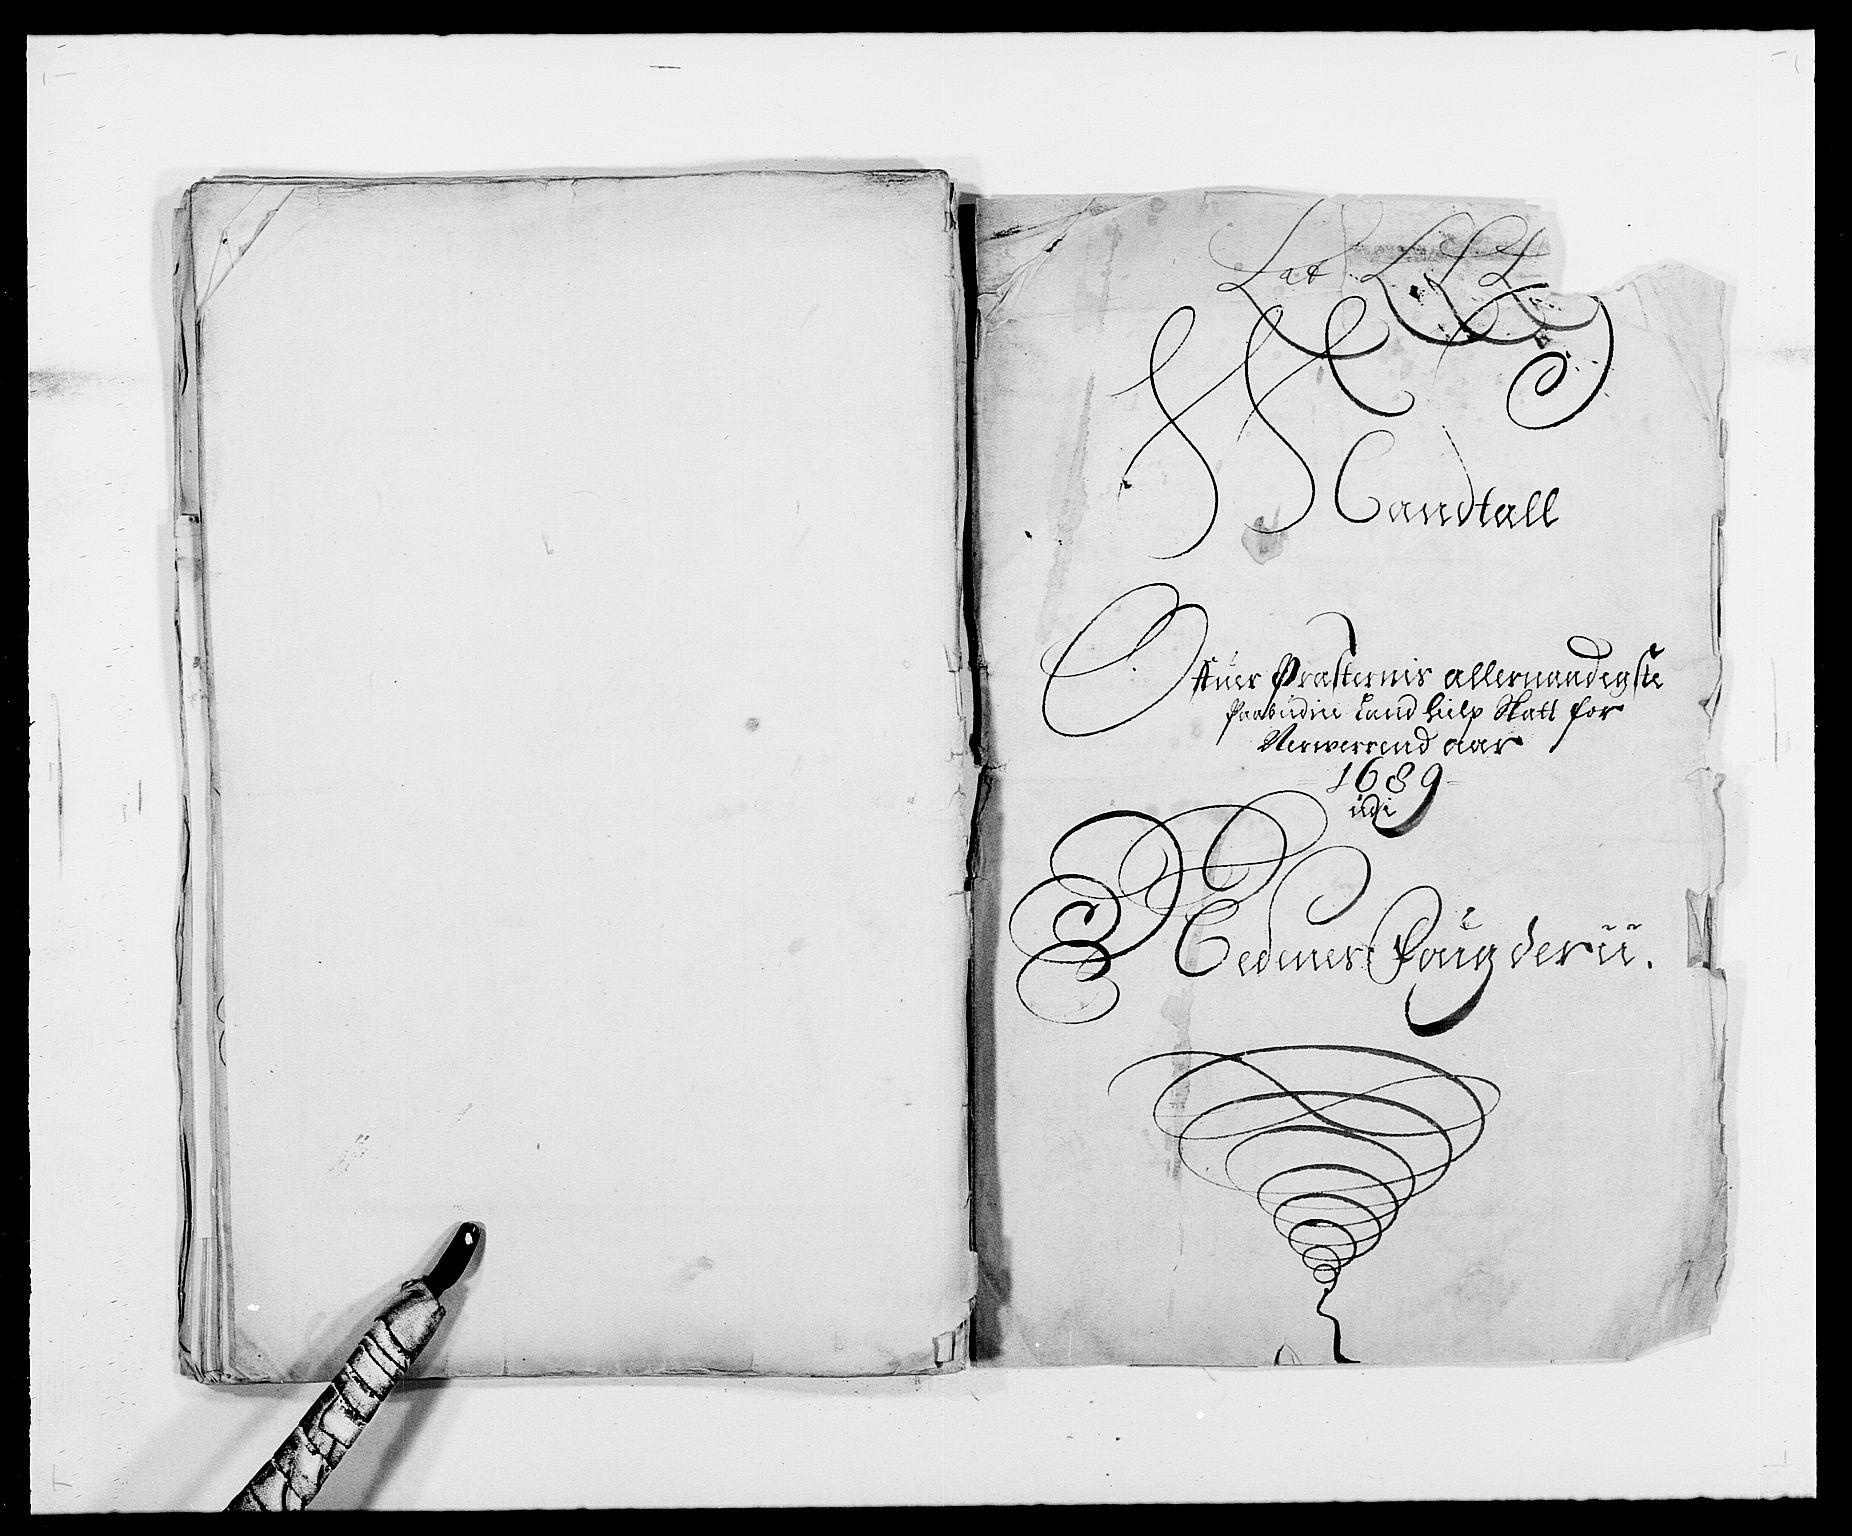 RA, Rentekammeret inntil 1814, Reviderte regnskaper, Fogderegnskap, R39/L2309: Fogderegnskap Nedenes, 1684-1689, s. 386